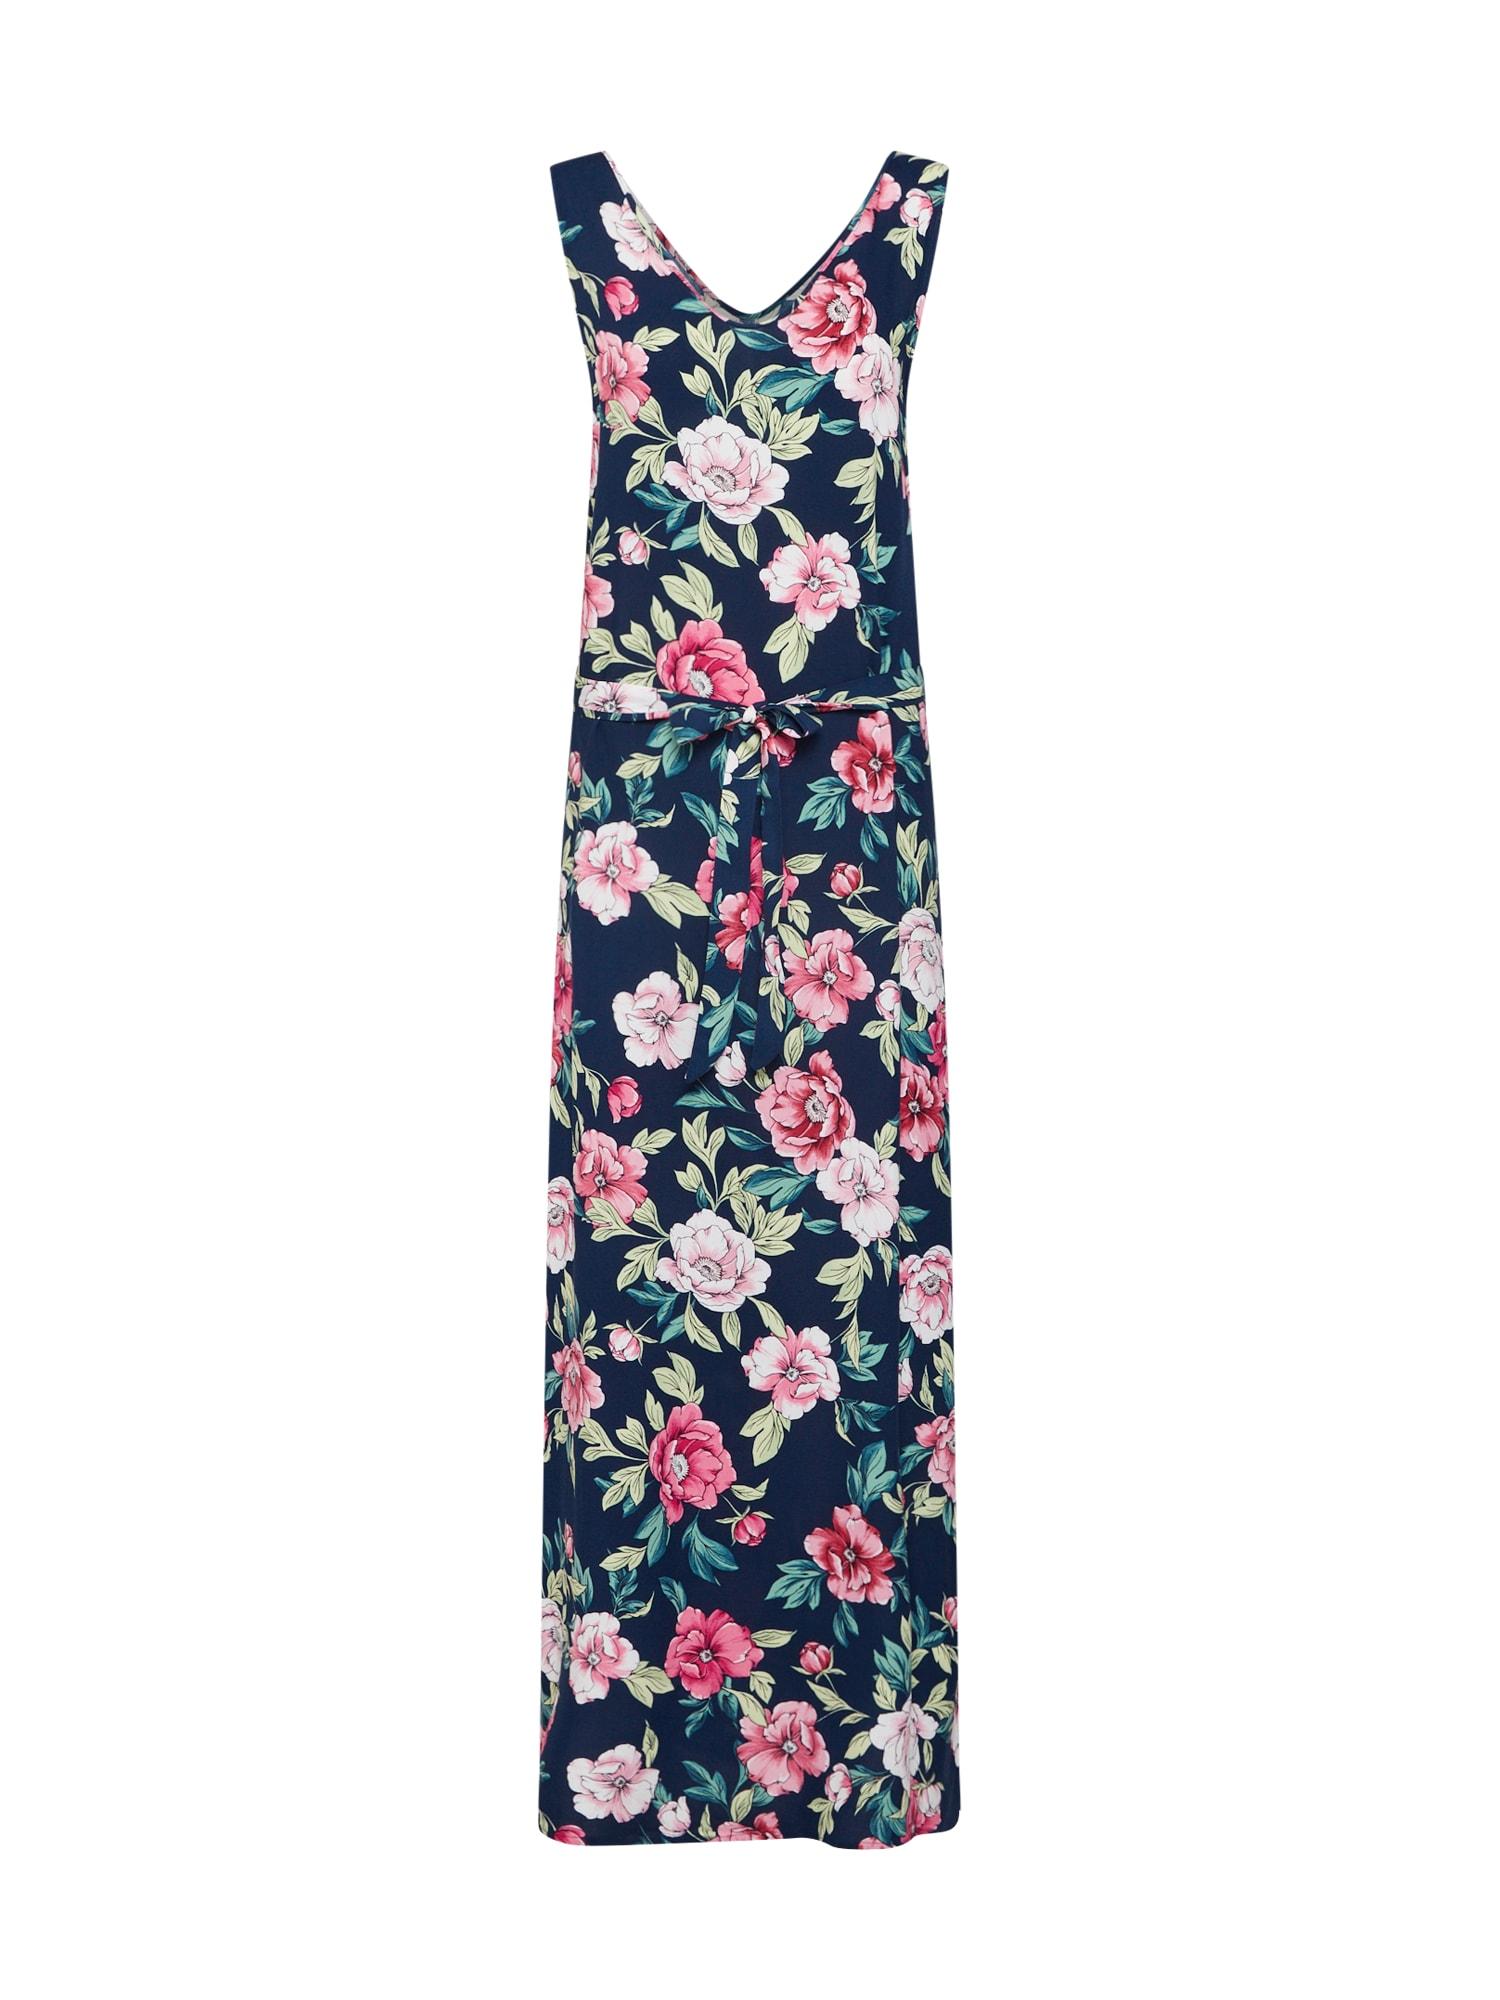 Letní šaty JDYSTAR SL MAXI DRESS WVN FS námořnická modř růžová JACQUELINE De YONG